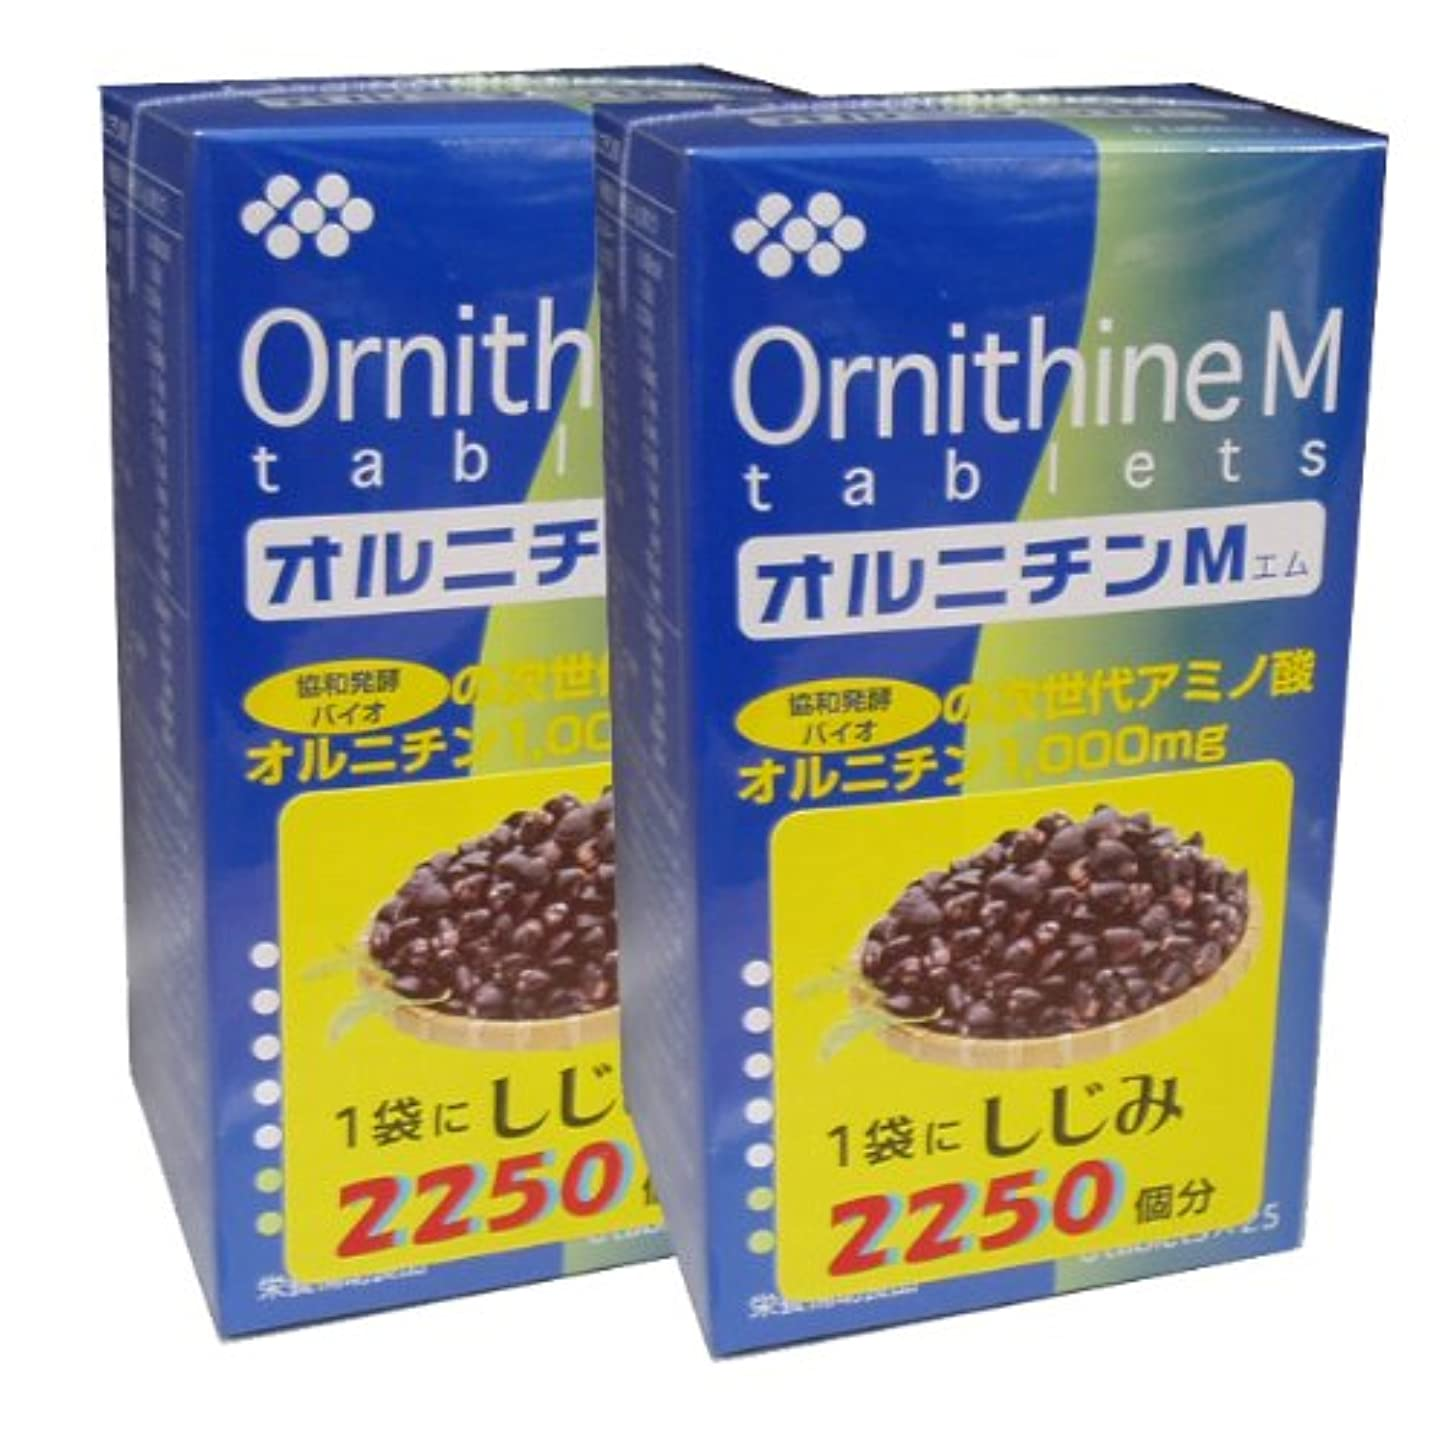 擬人合理的嫌な協和発酵オルニチンM (6粒×25袋)×2個セット